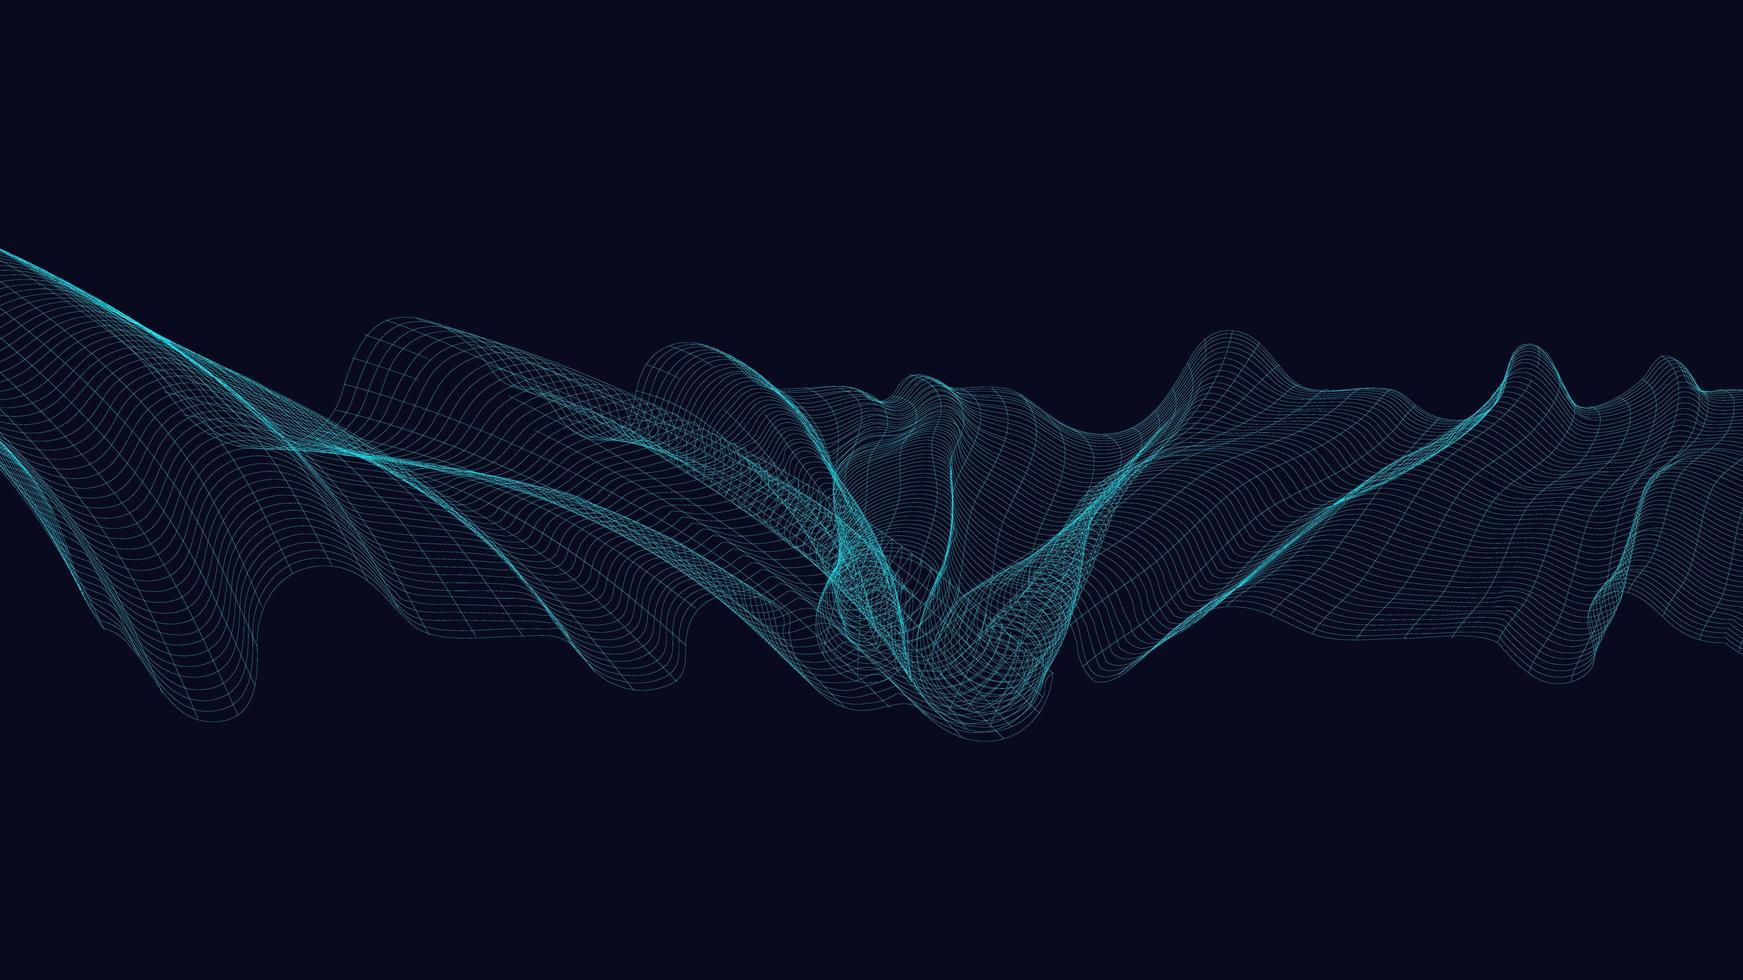 onda sonora digitale al neon su sfondo blu scuro vettore